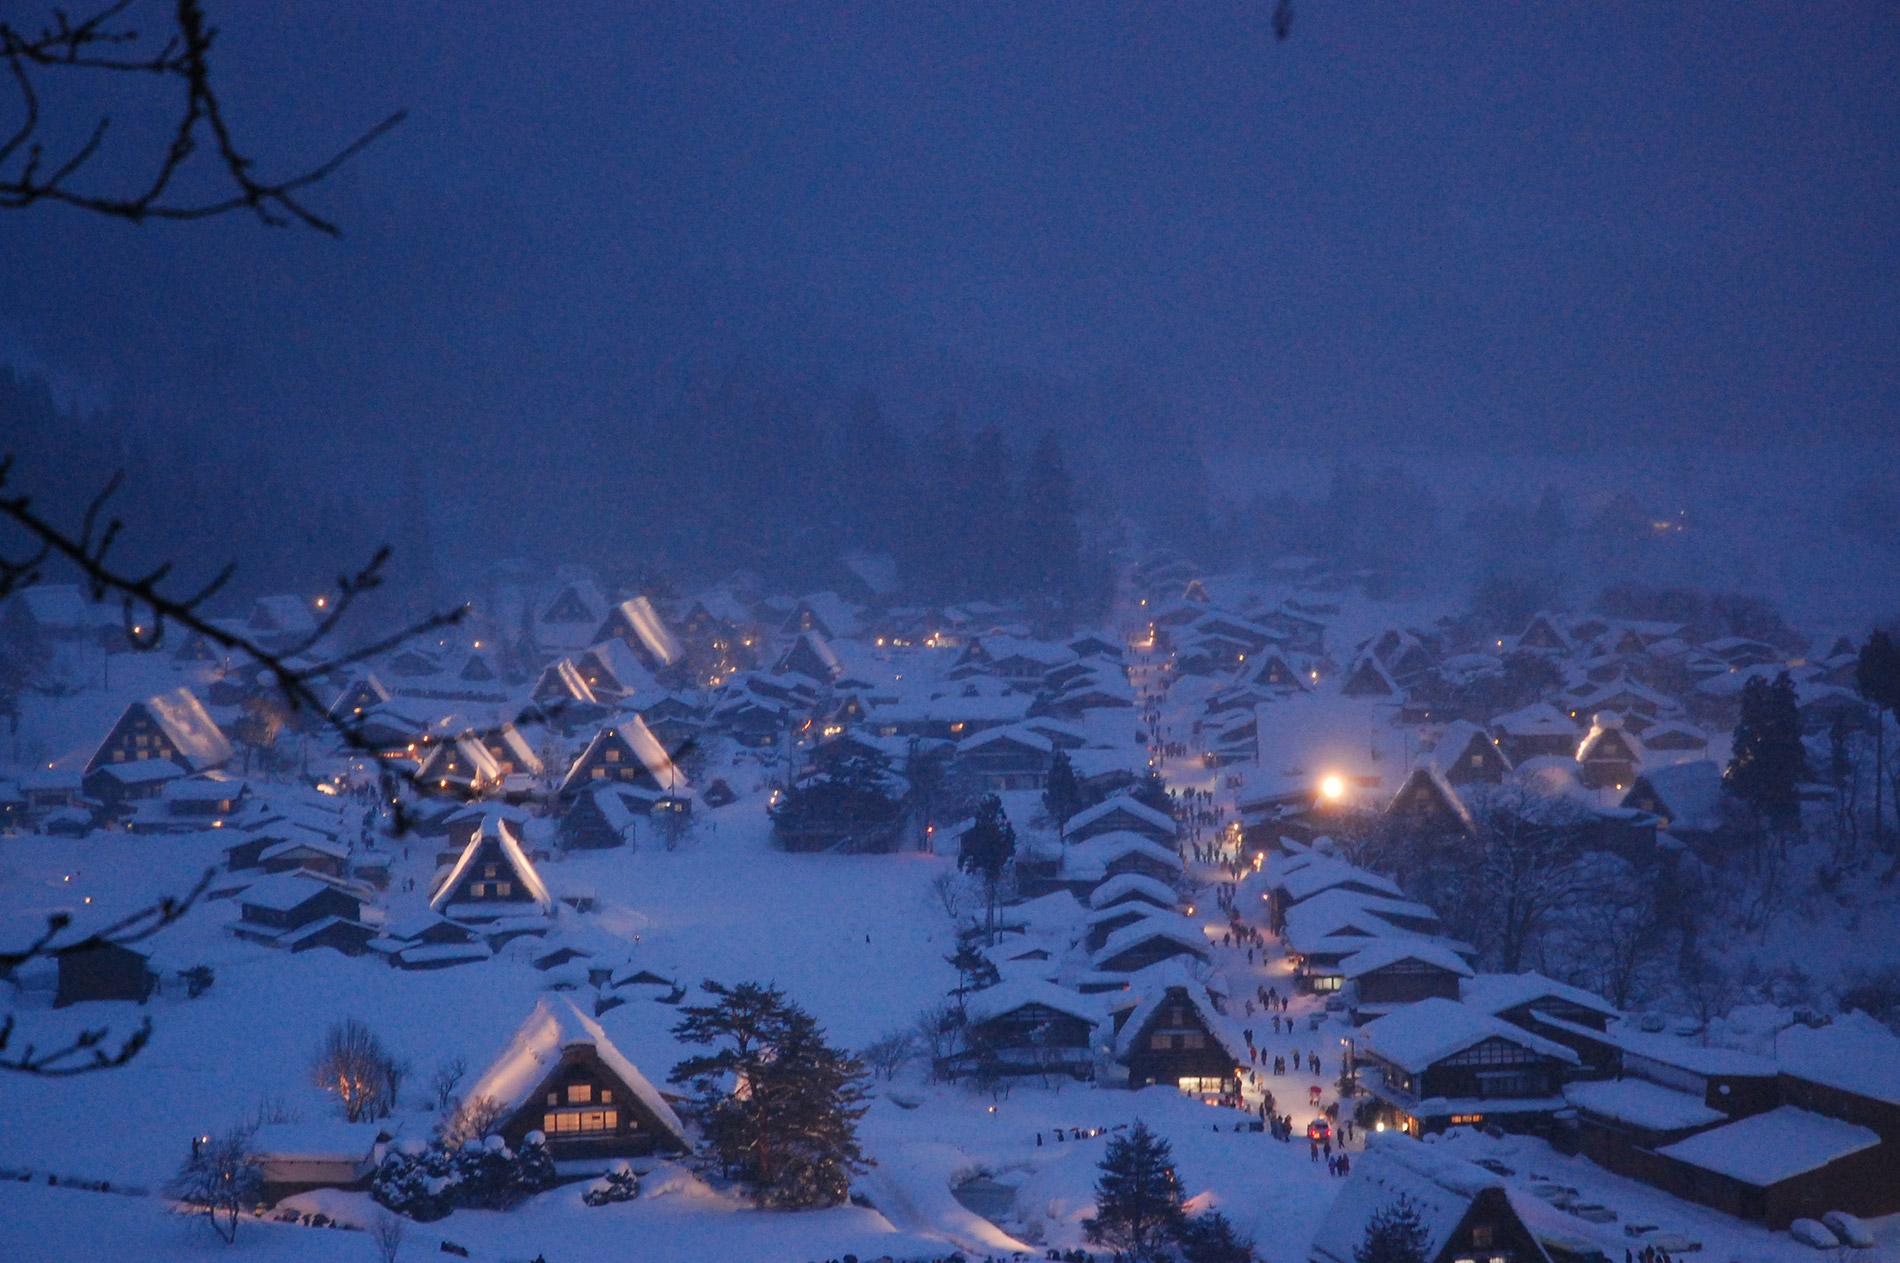 Das Dorf Shirakawa-go sieht beleuchtet im Winter besonders zauberhaft aus.